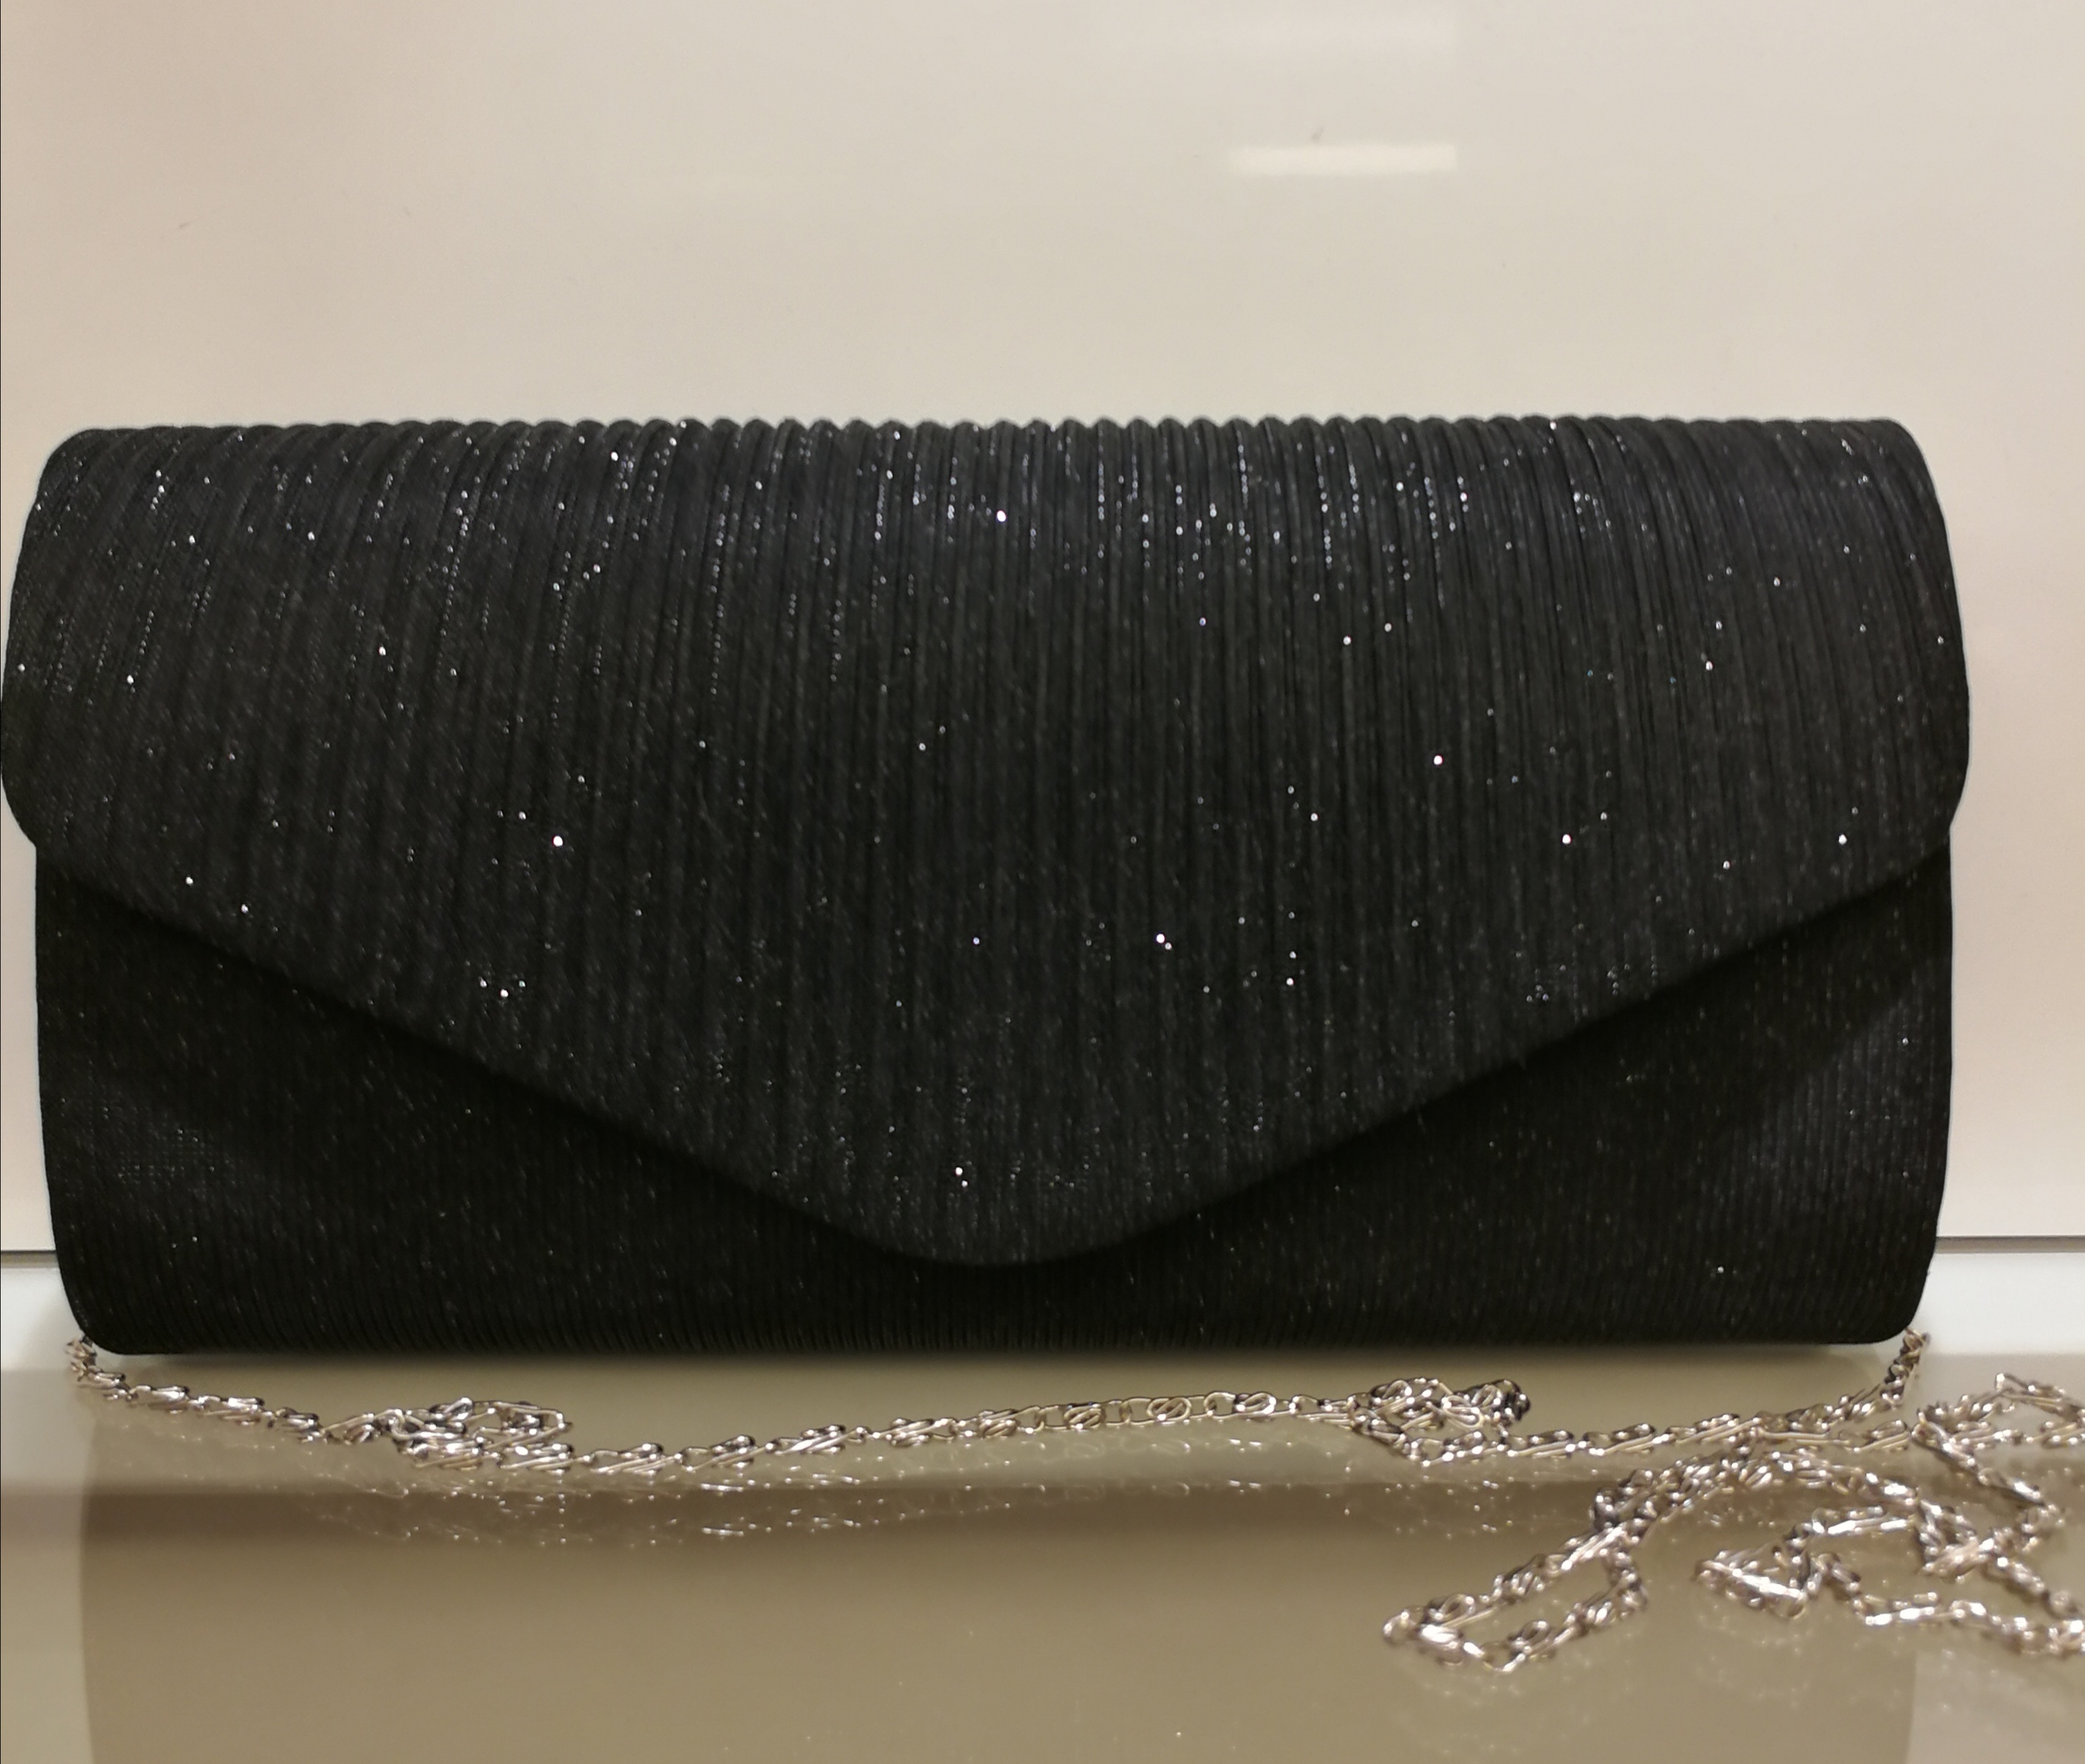 Pochette clutch glitterata nera